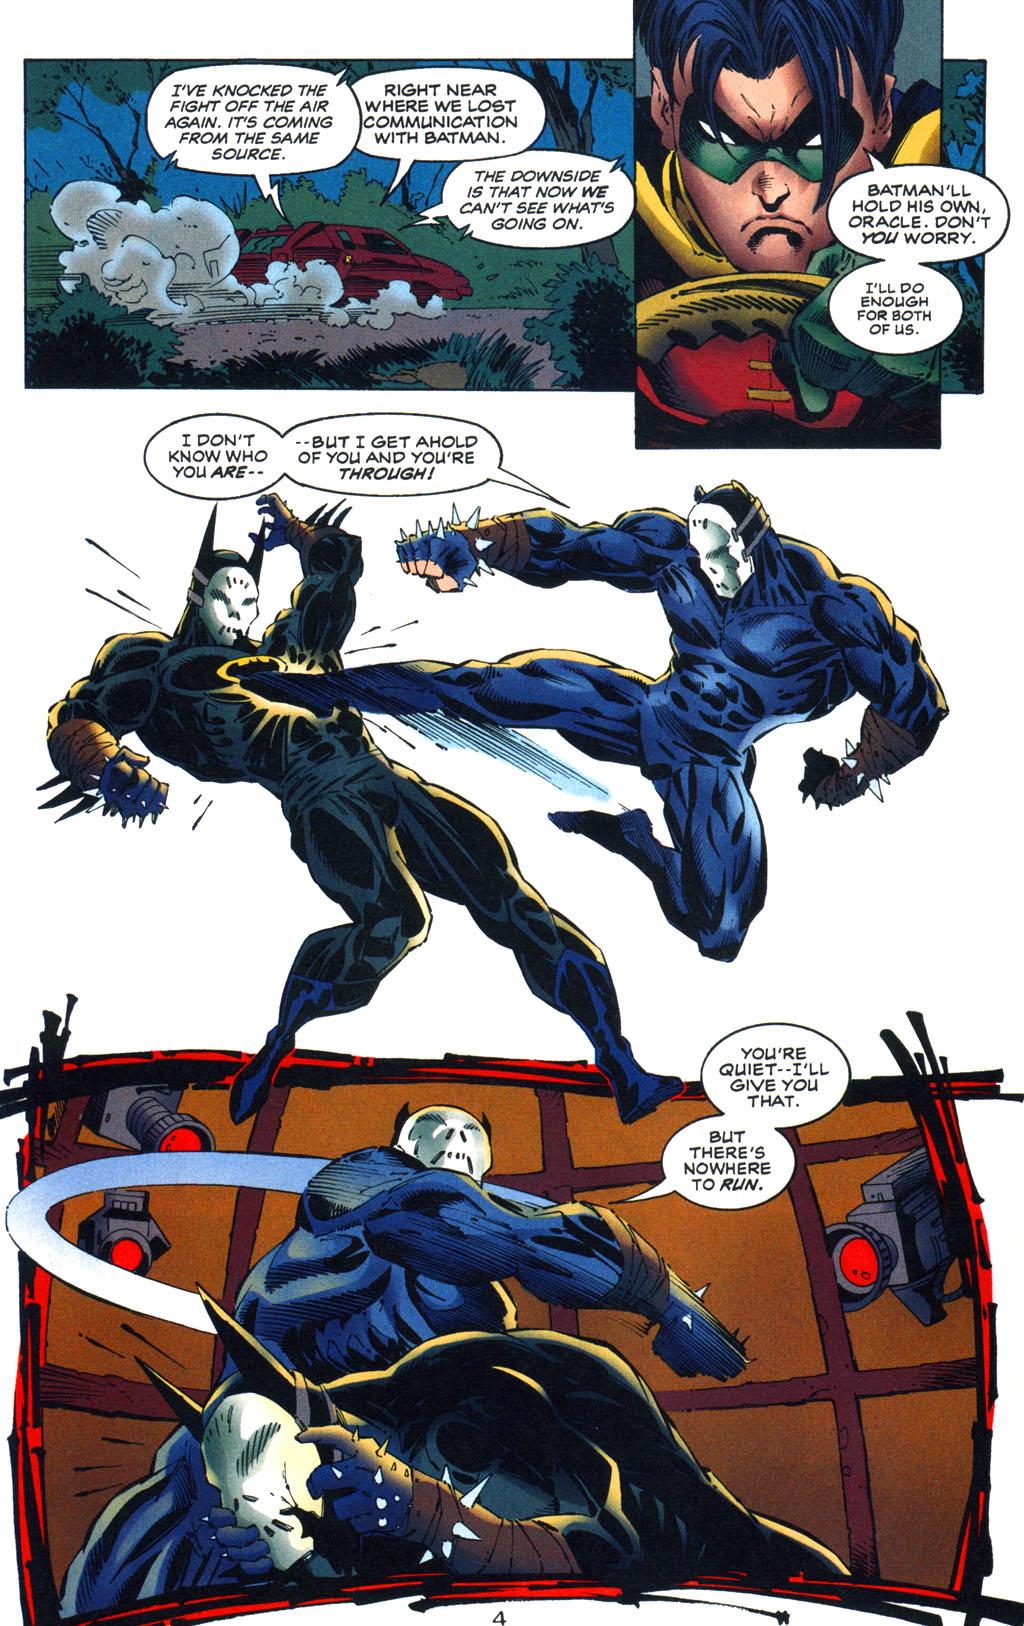 Read online Batman/Wildcat comic -  Issue #3 - 4